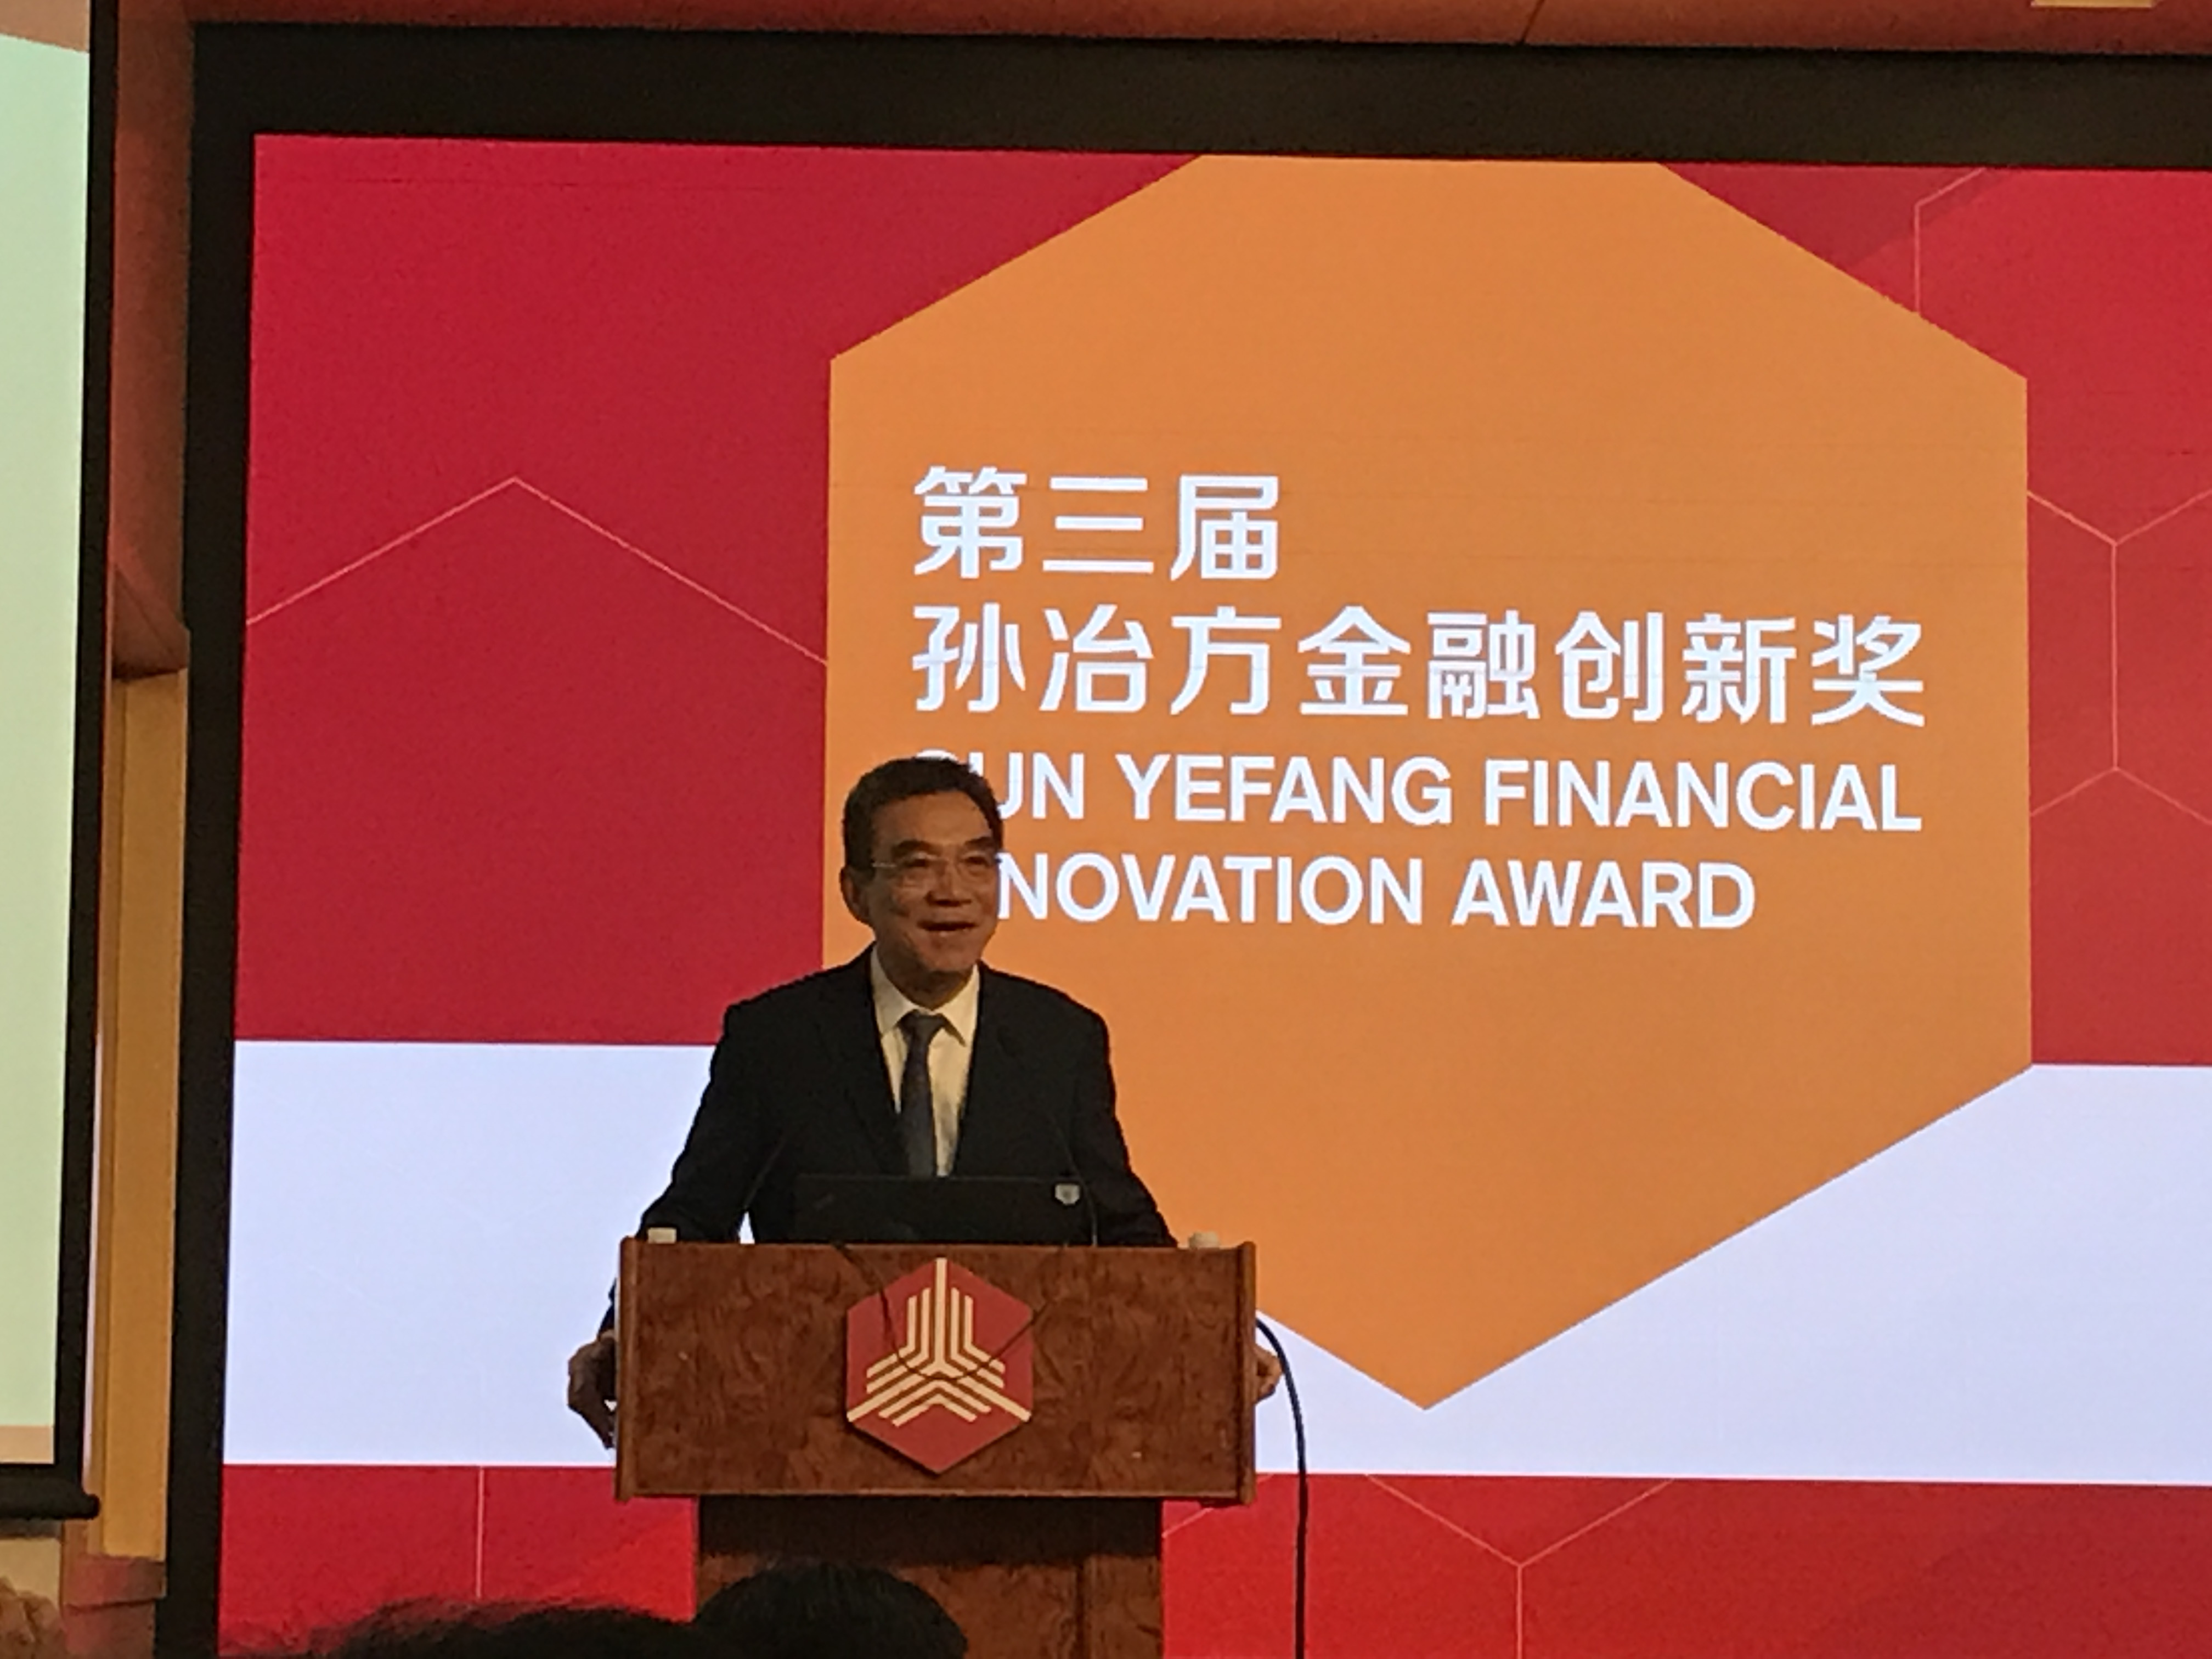 林毅夫:实体经济与金融背离非常明显,我们必